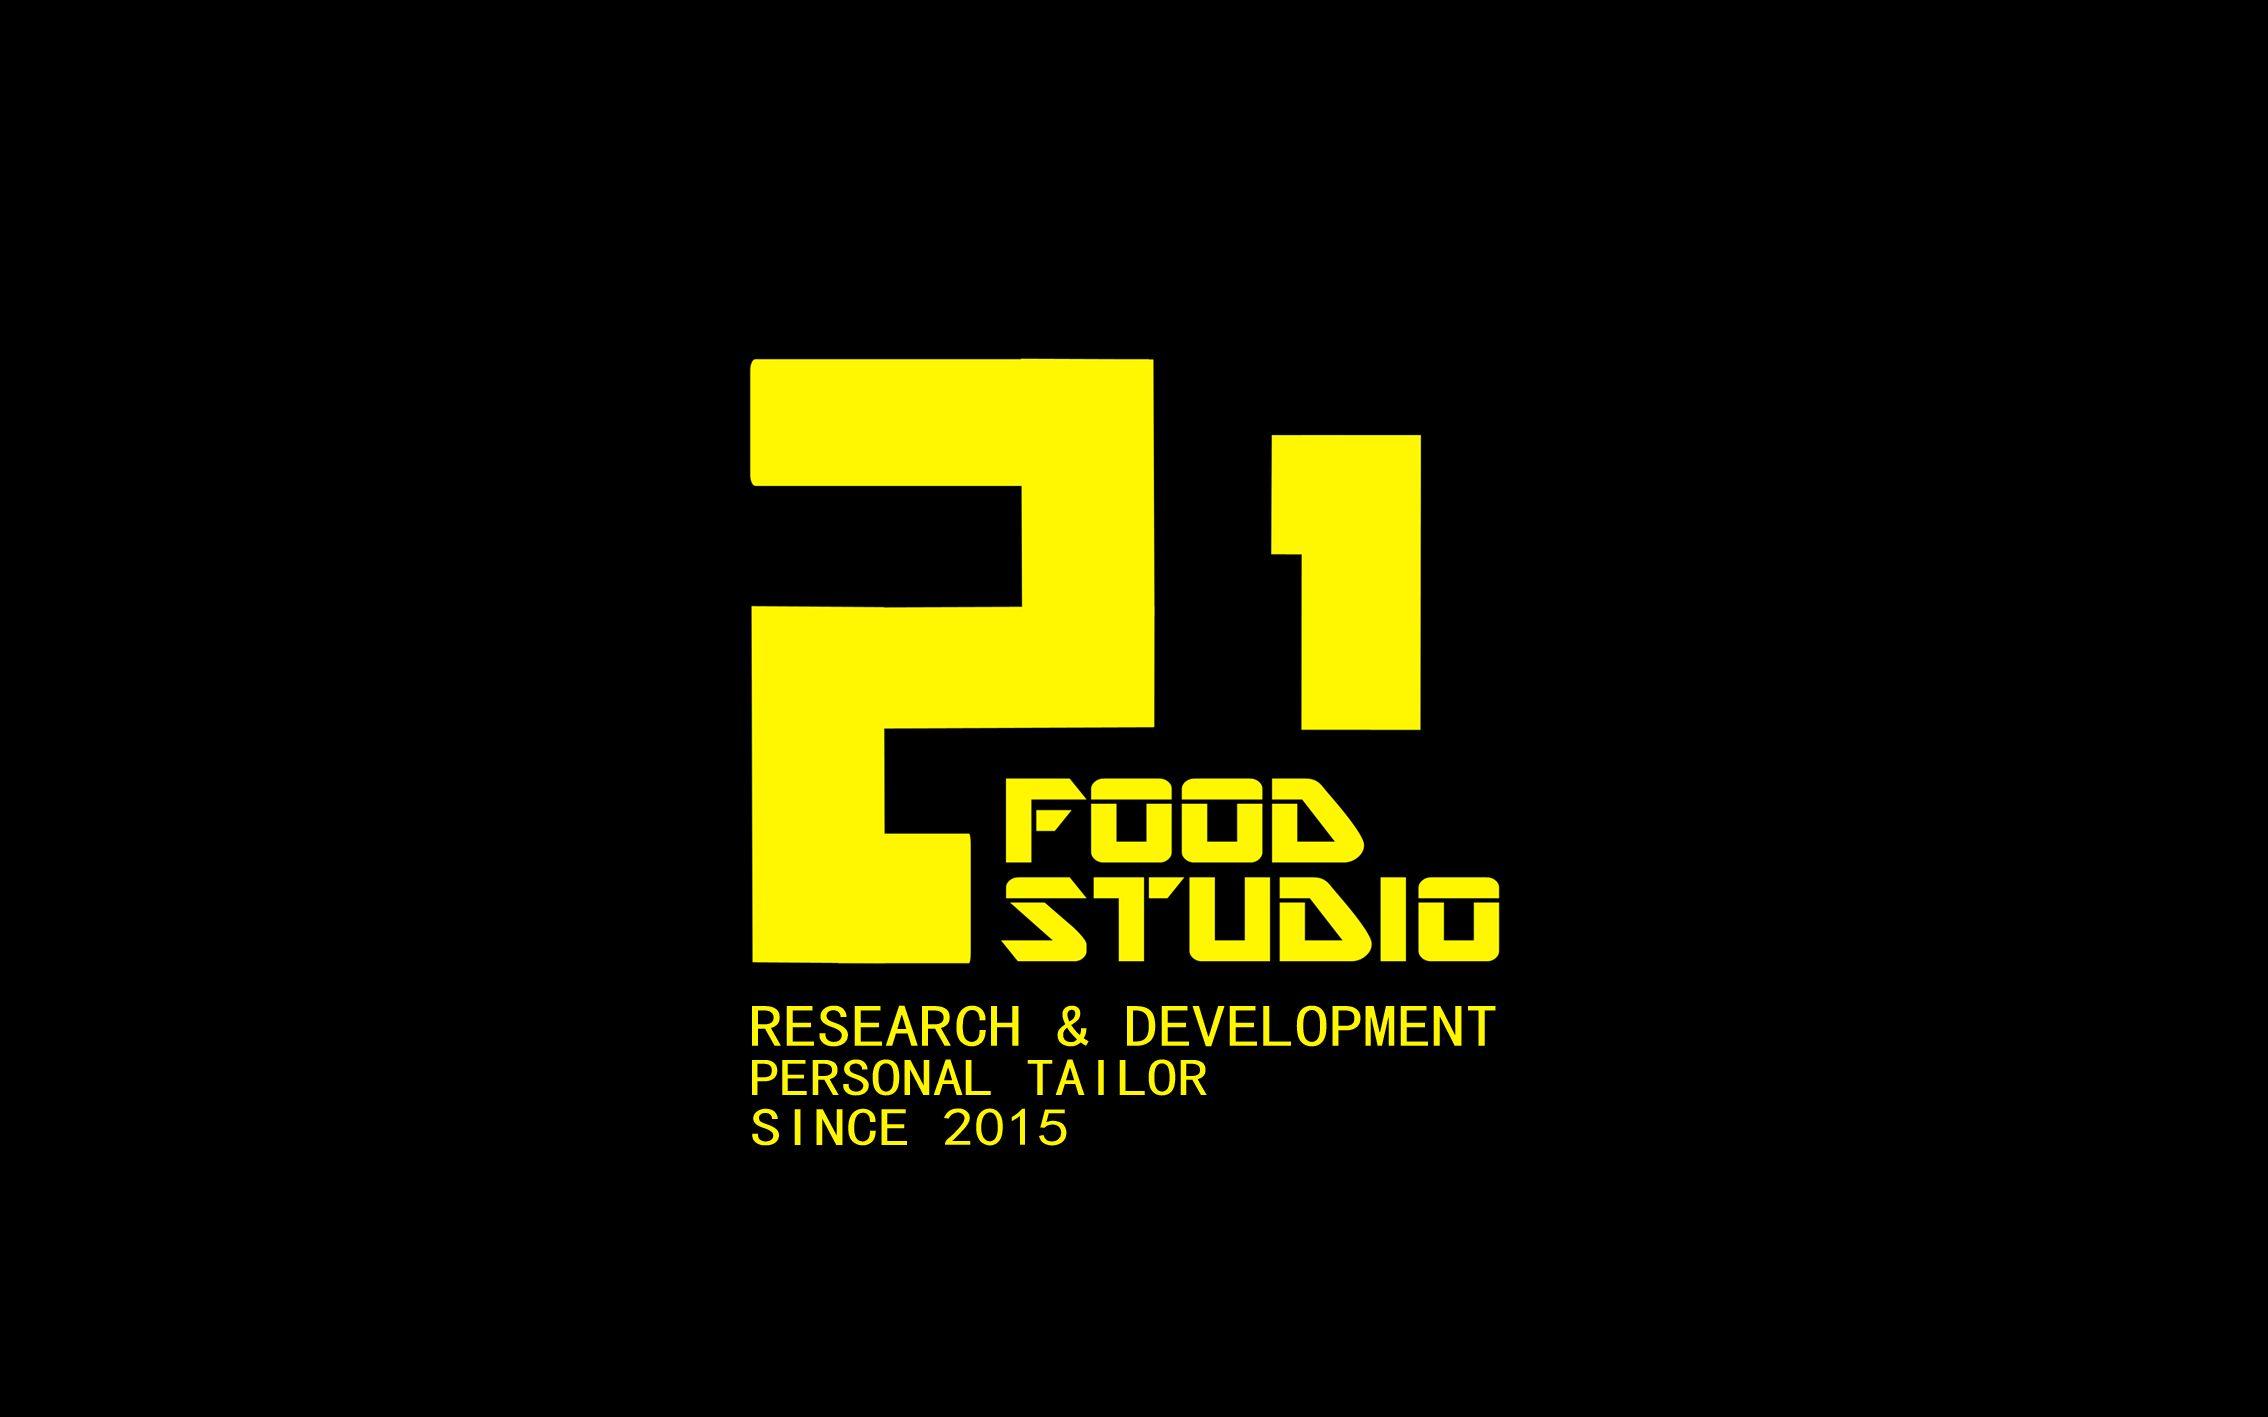 21FoodStudio